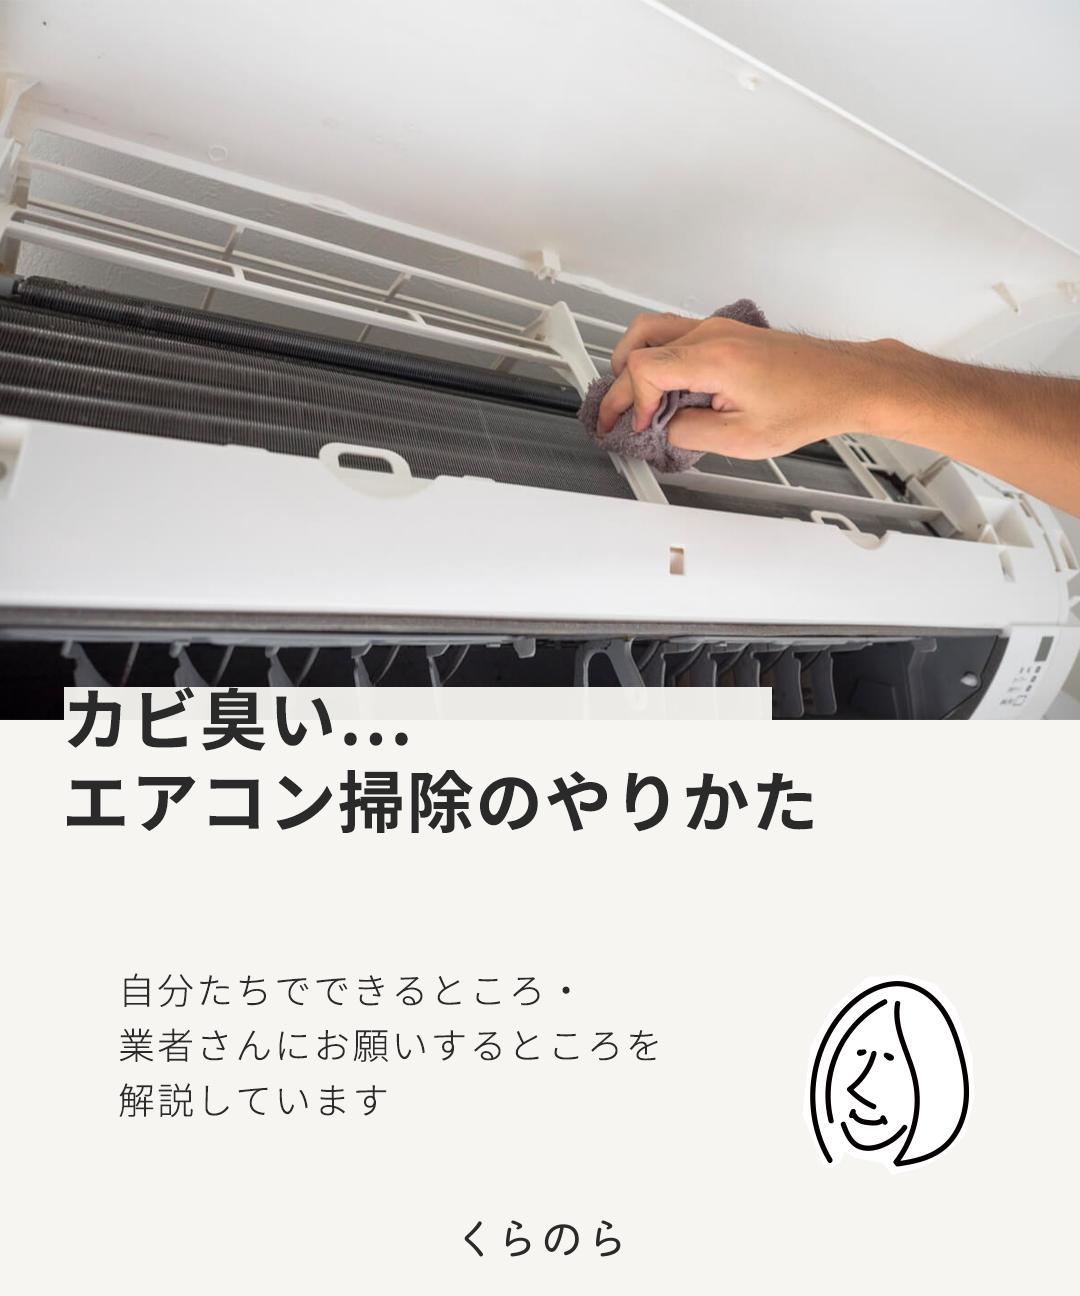 エアコン掃除のやり方 カビ臭いときの対処法を紹介します エアコン